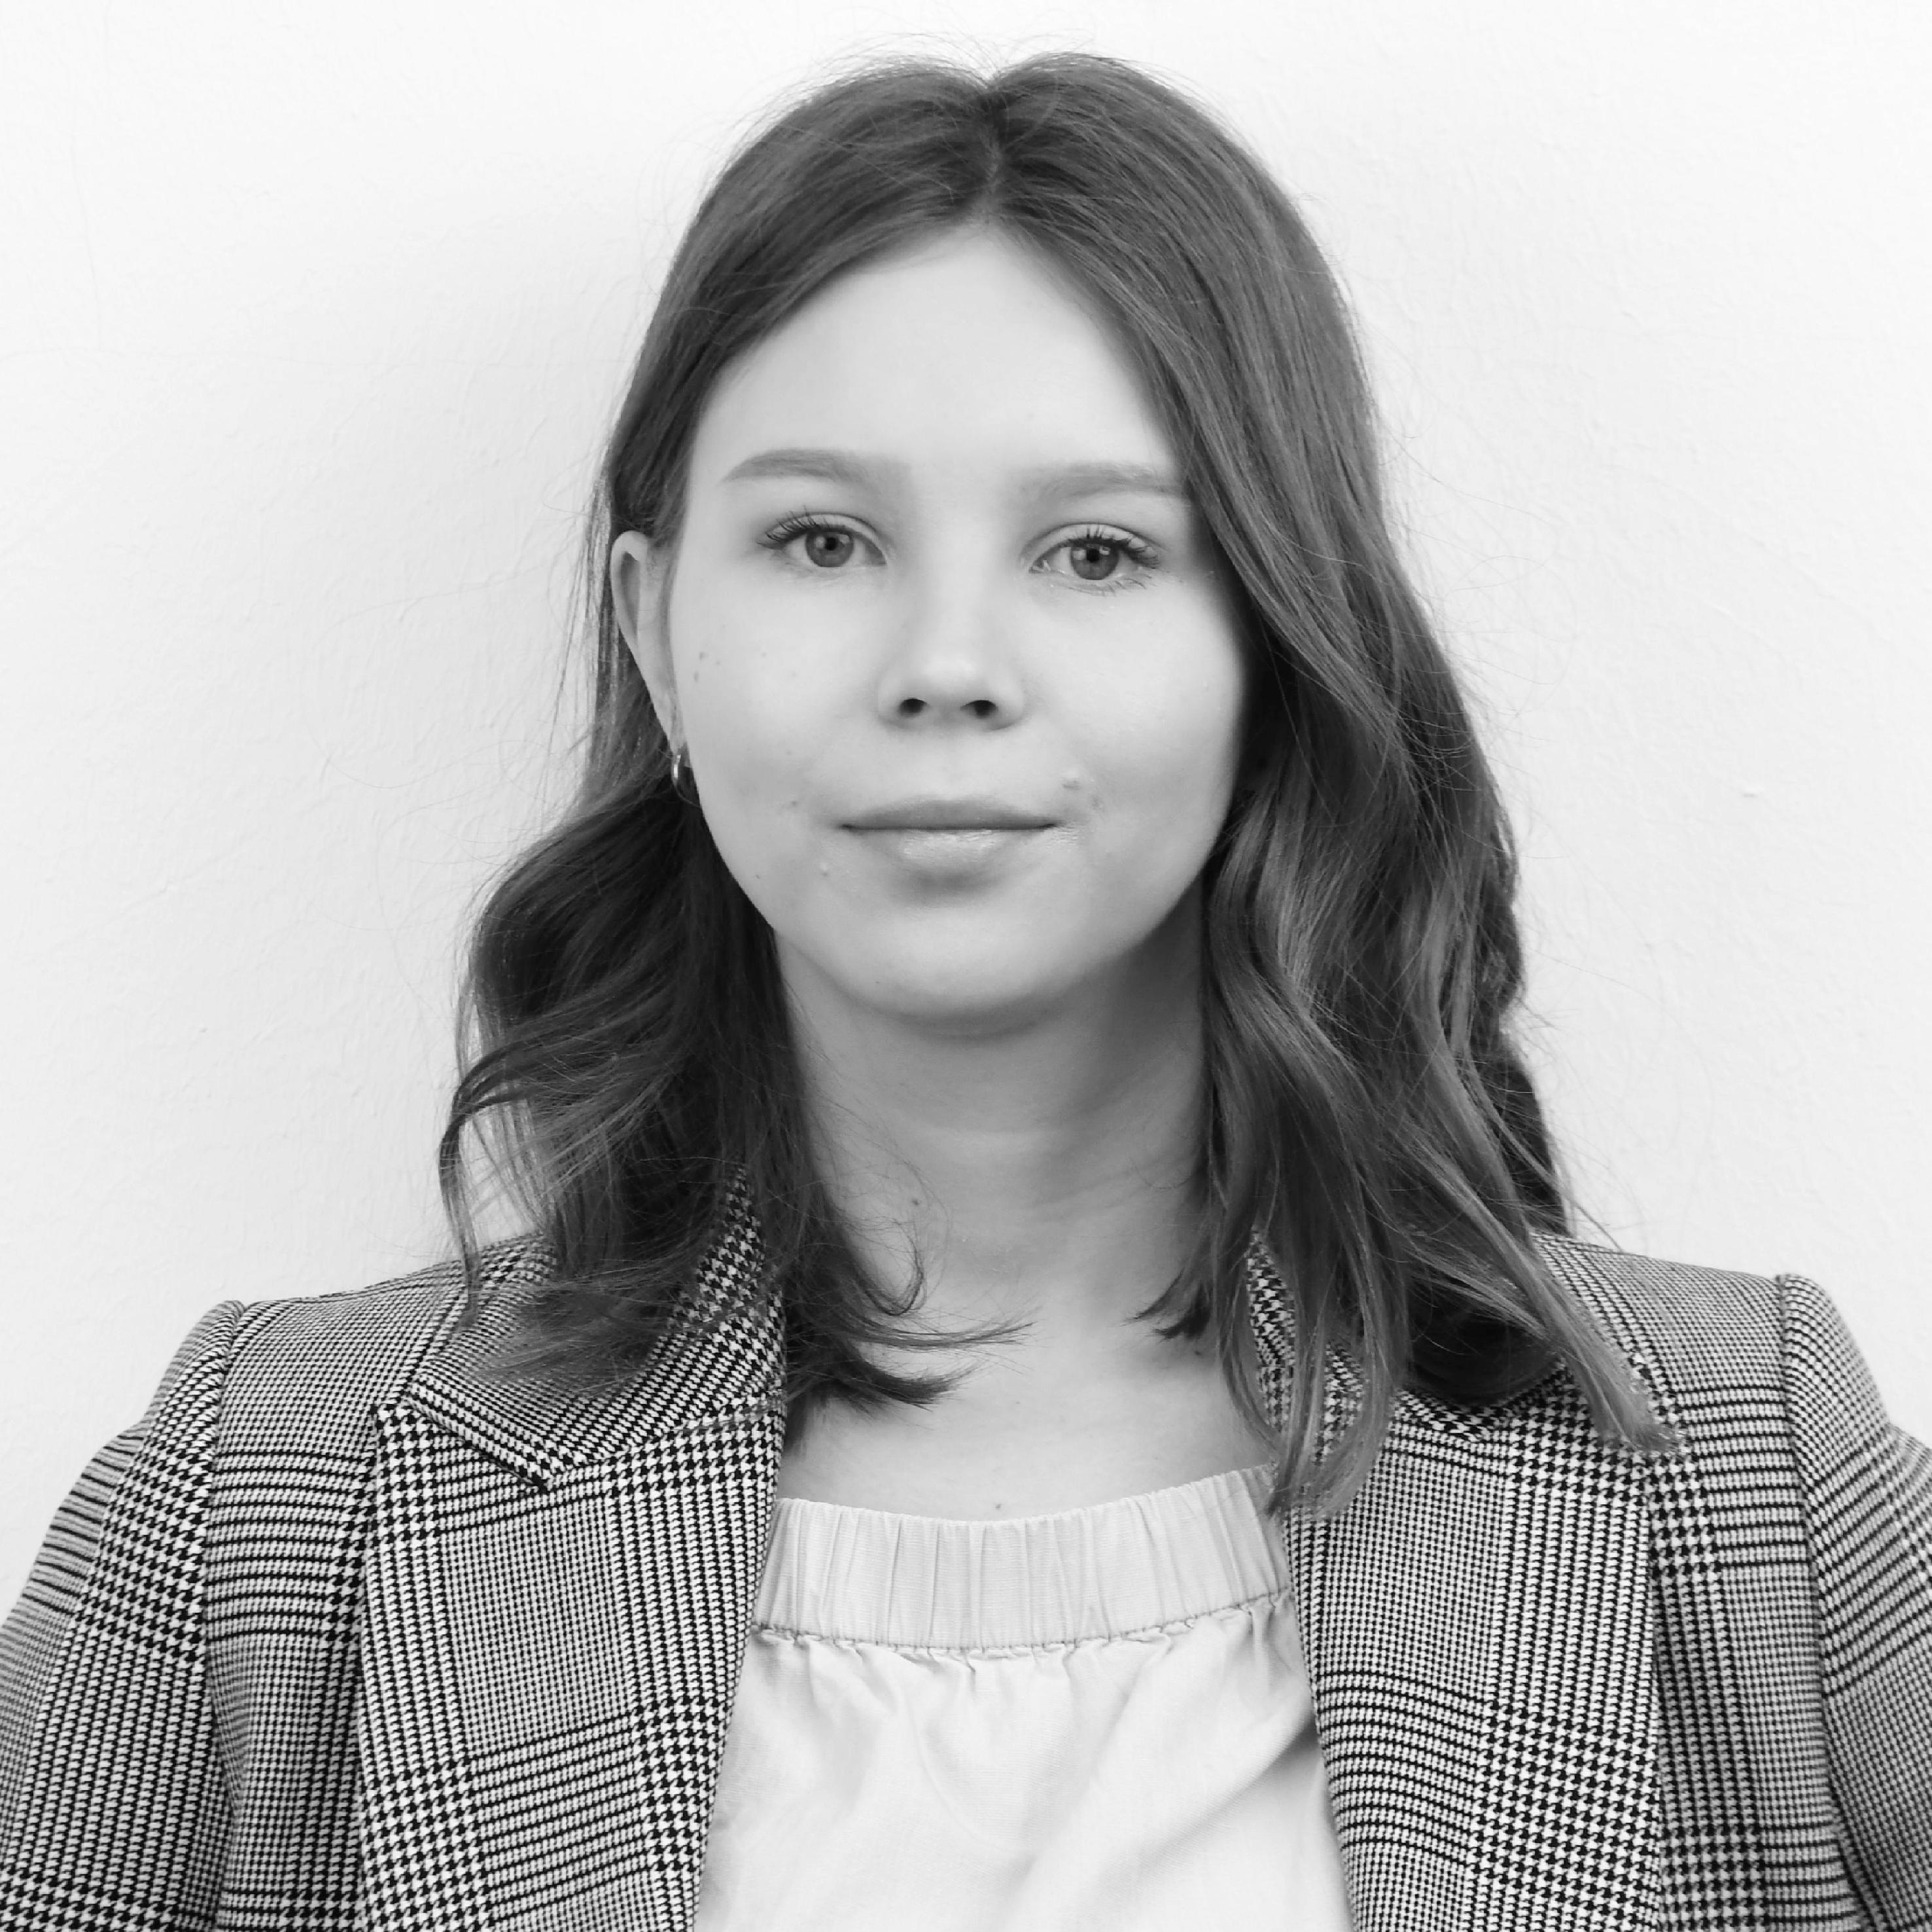 Anastasia Molkanow